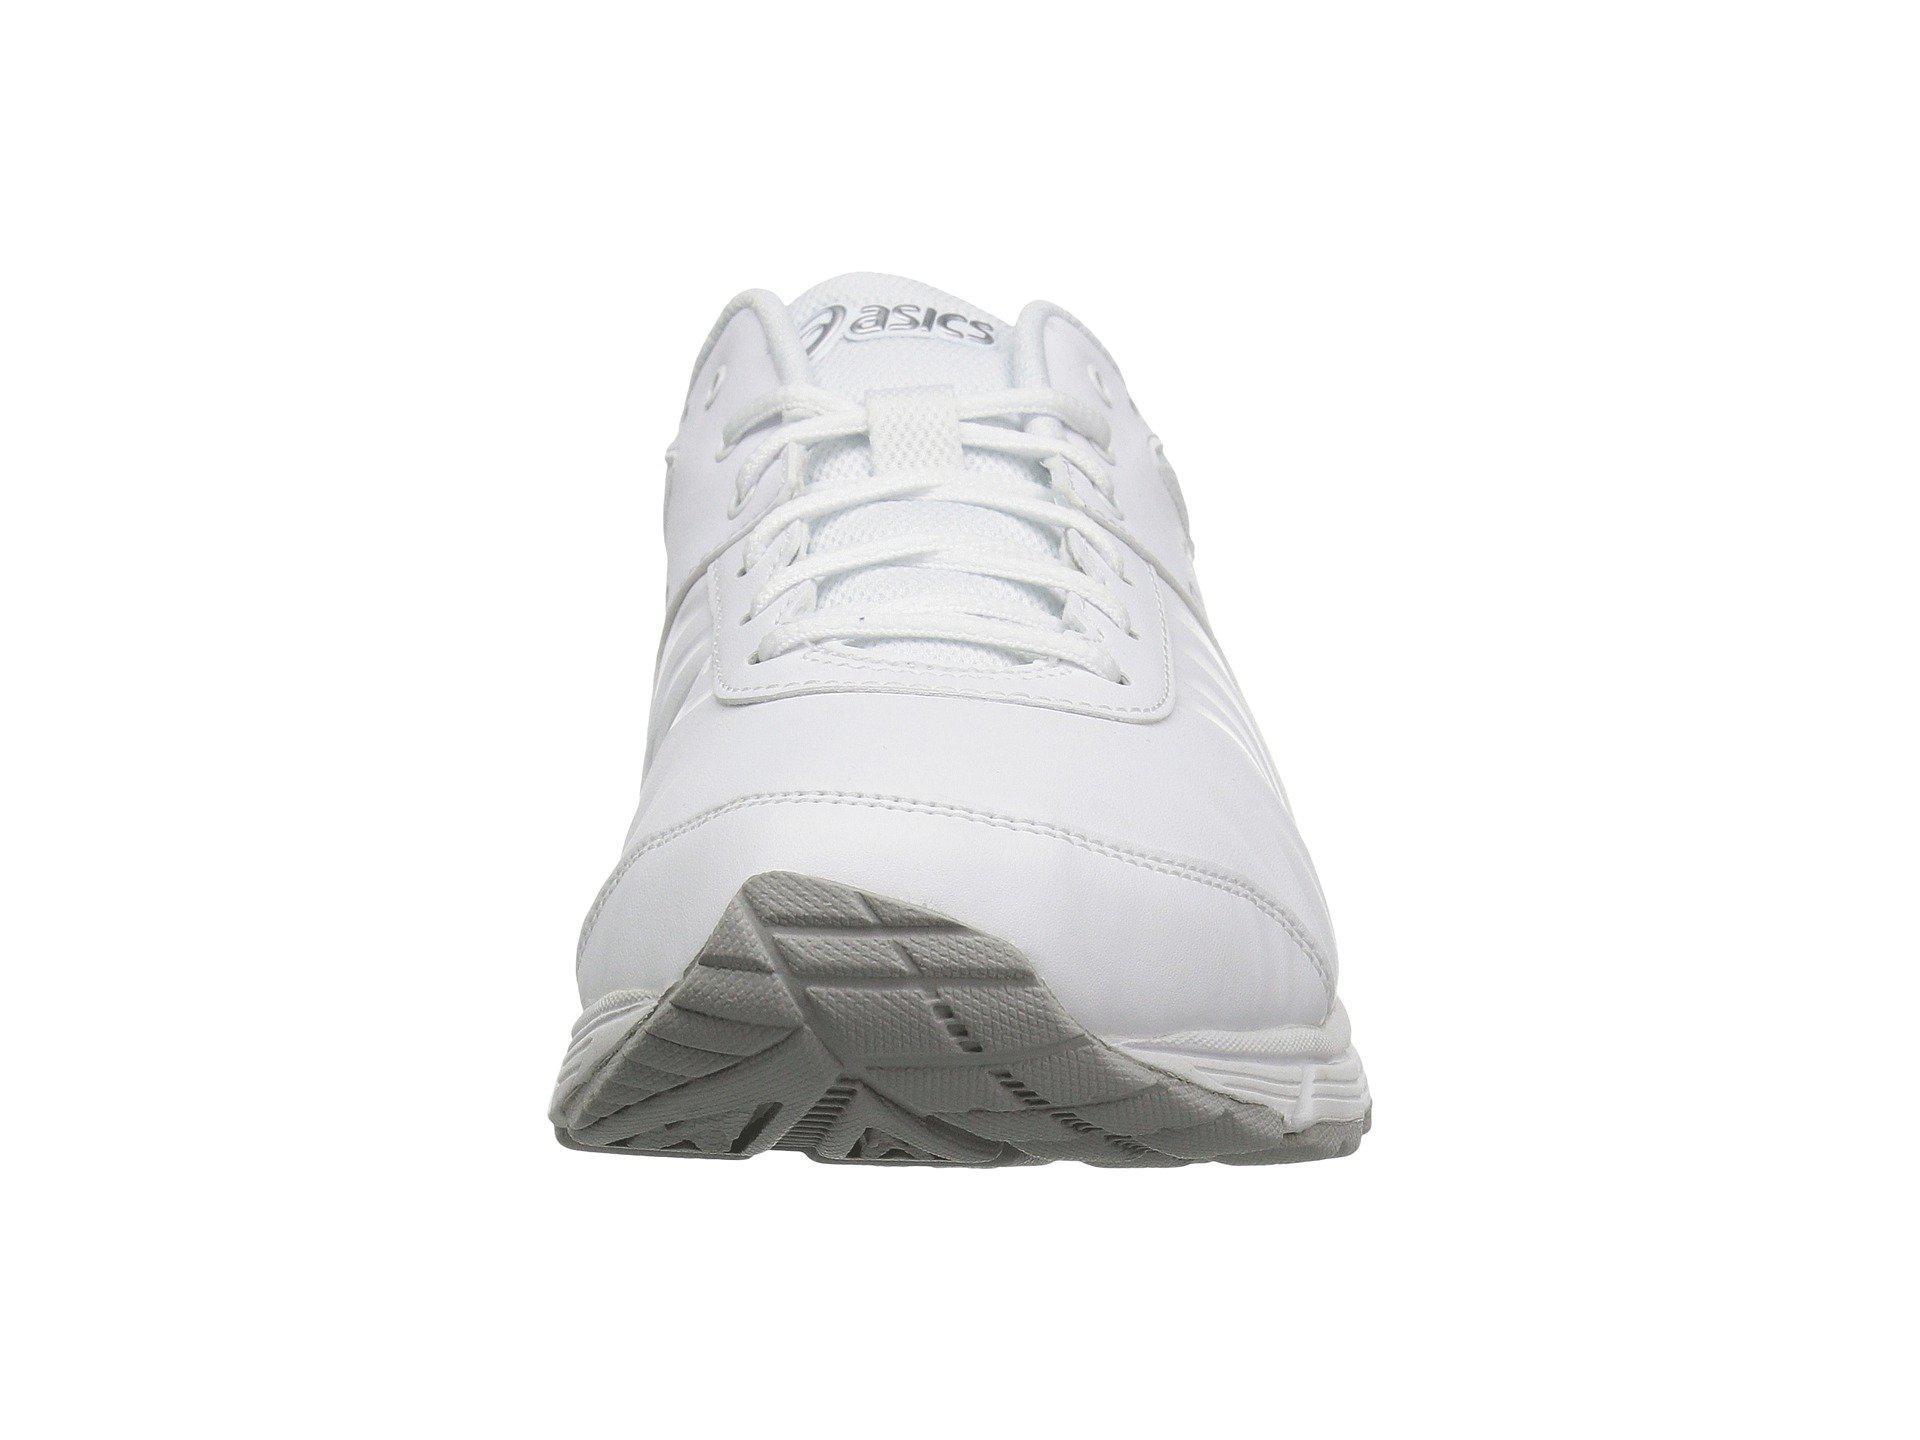 Lyst en Asics Gel quickwalk 3 Sl Sl en blanc pour quickwalk homme 1fa87c9 - myptmaciasbook.club